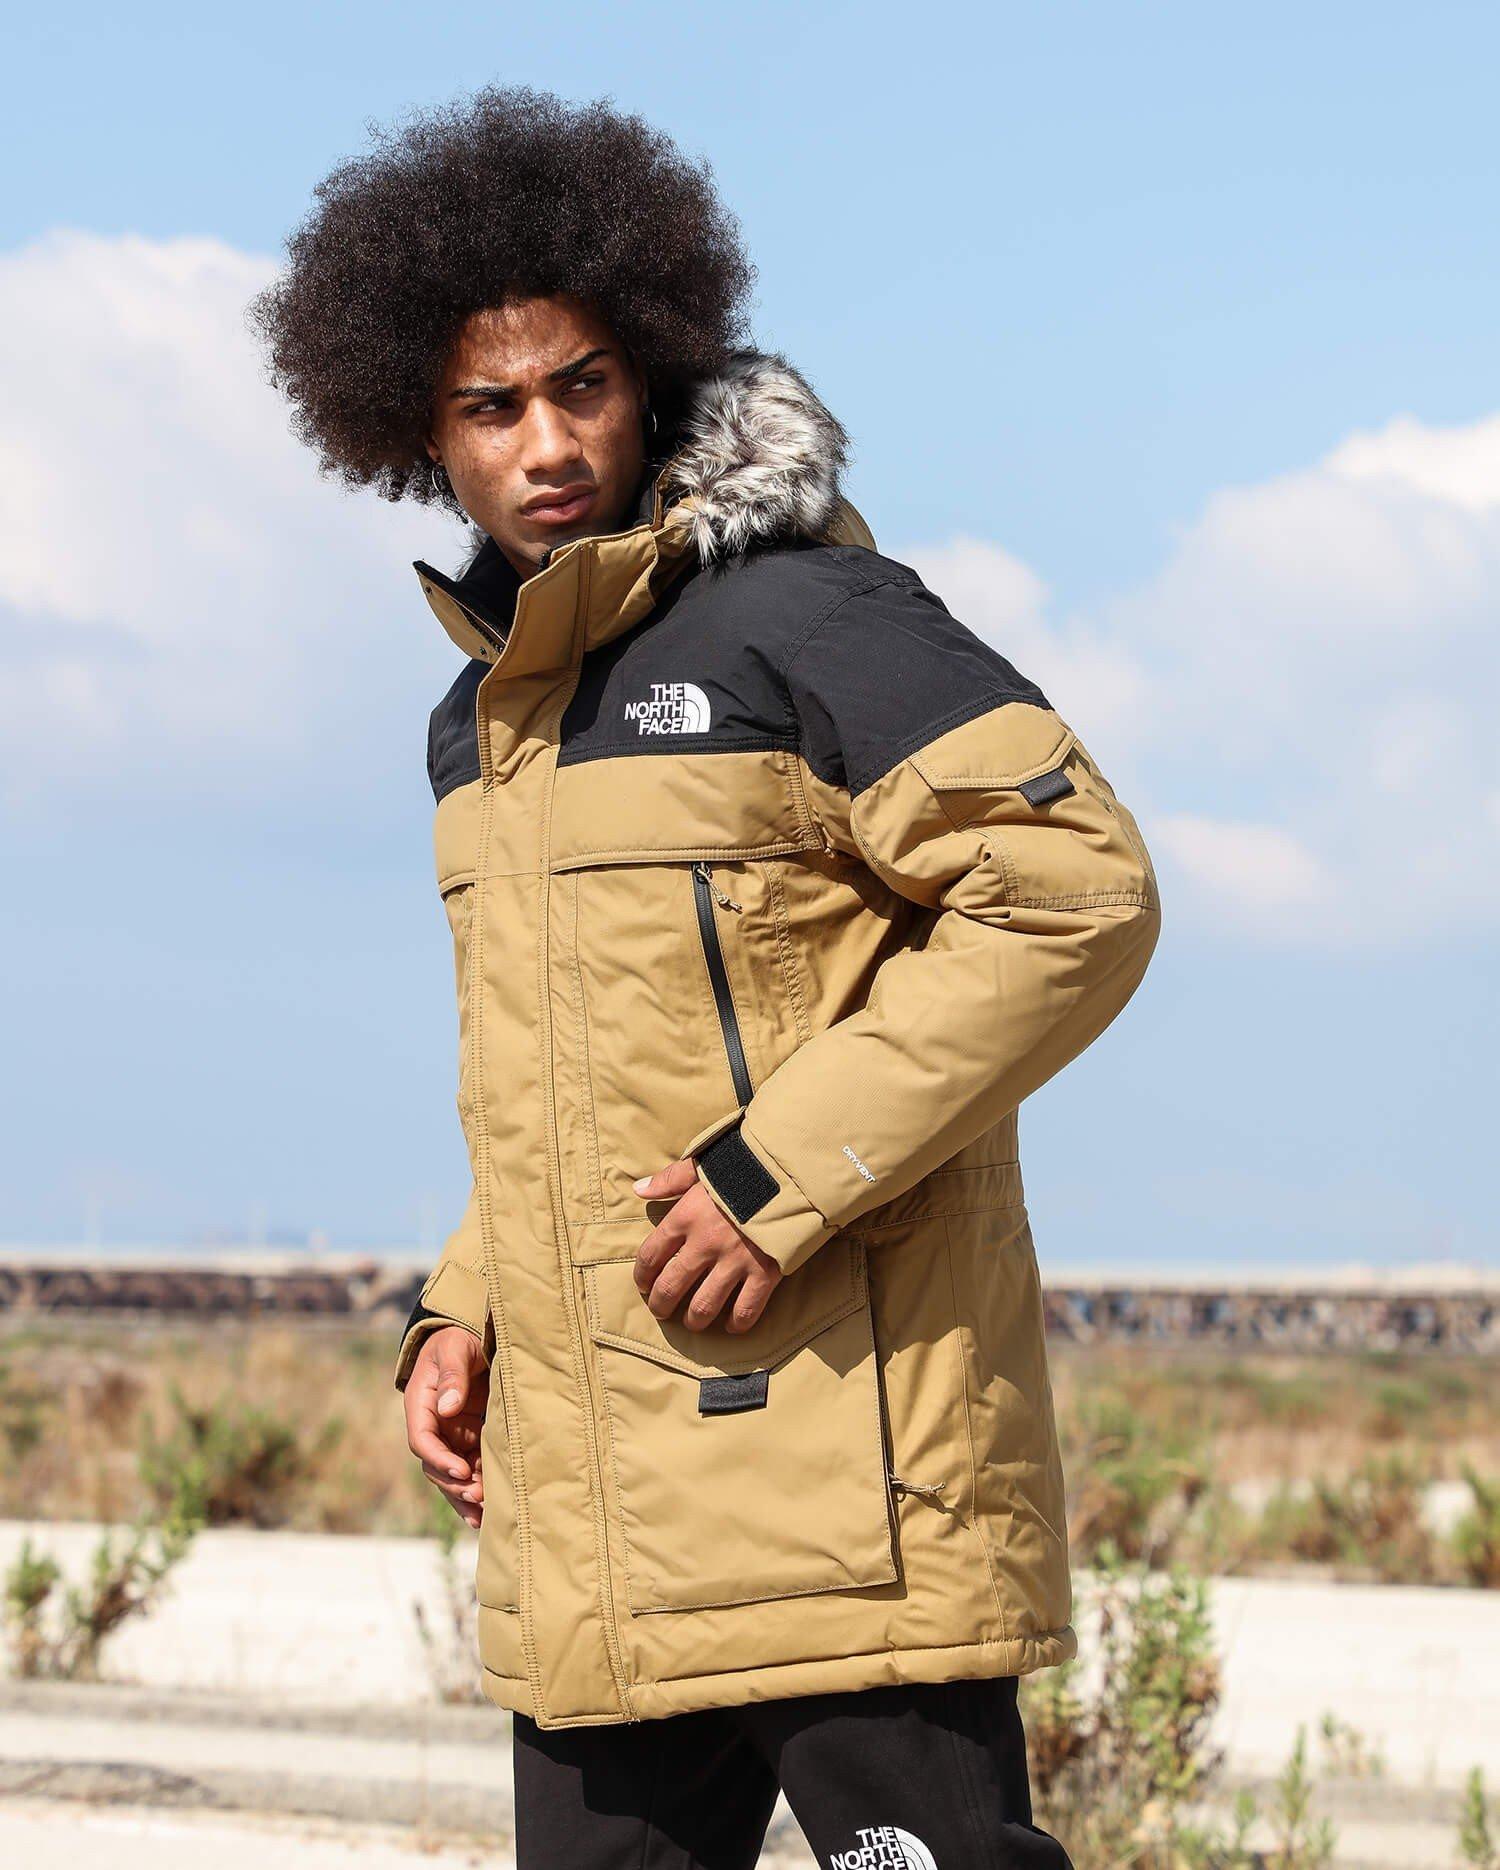 miglior giacca invernale da uomo calda